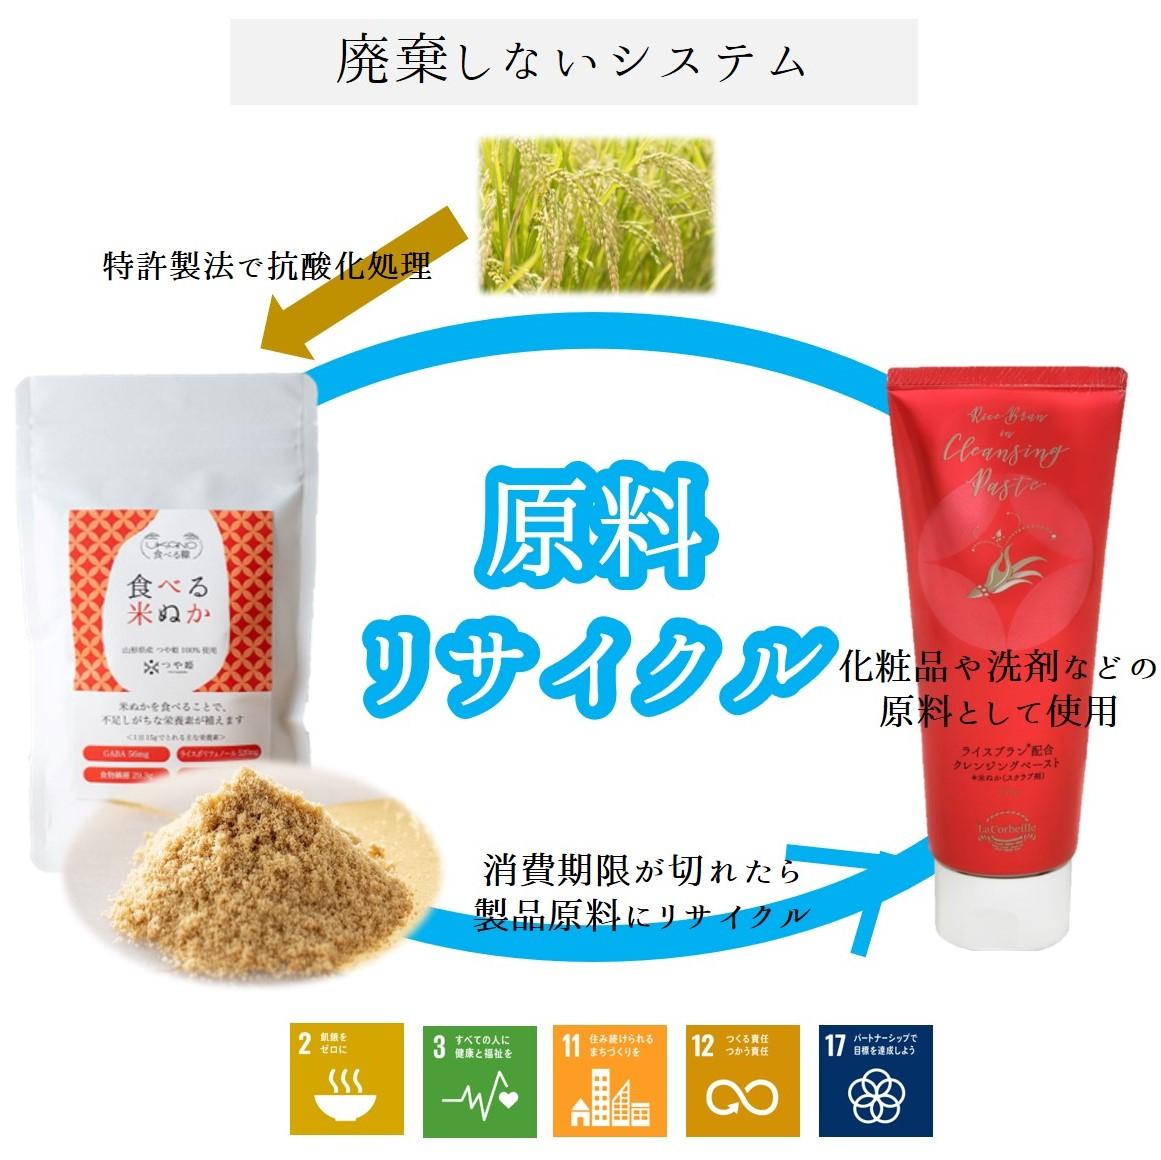 【自由テーマ】ラ コルベイユ 米ぬか配合クレンジングペースト